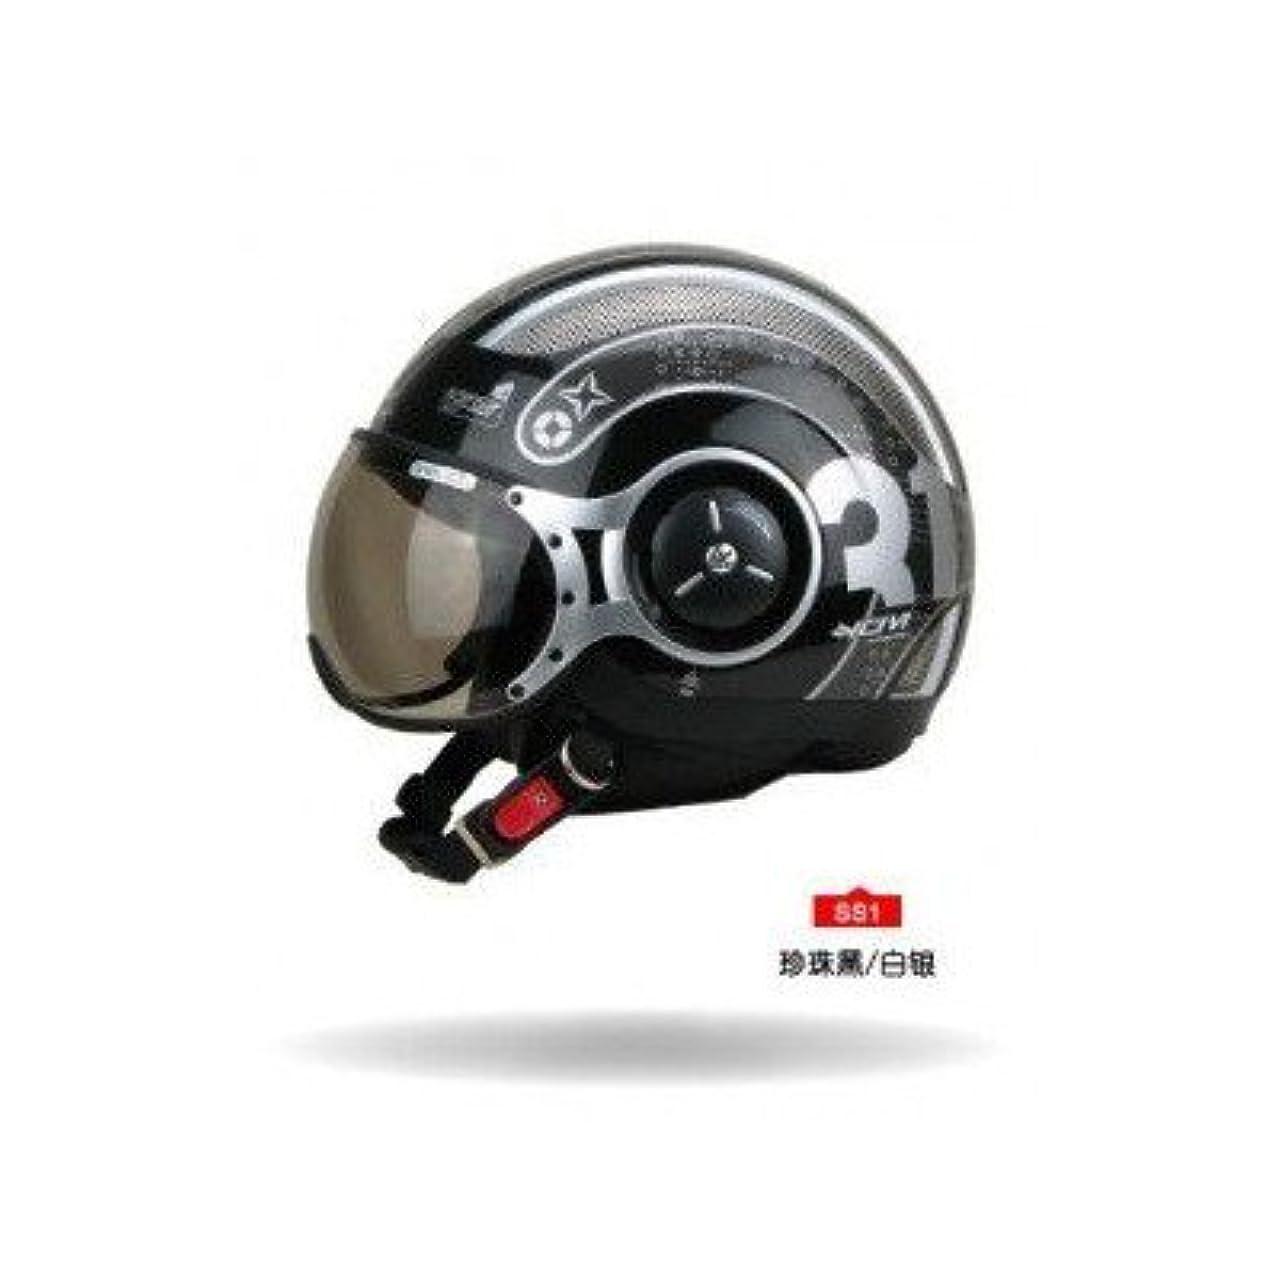 復活する頬床ヘルメットバイク ジェットタイプ ZEUS MOTOモデル M(55-56cm)